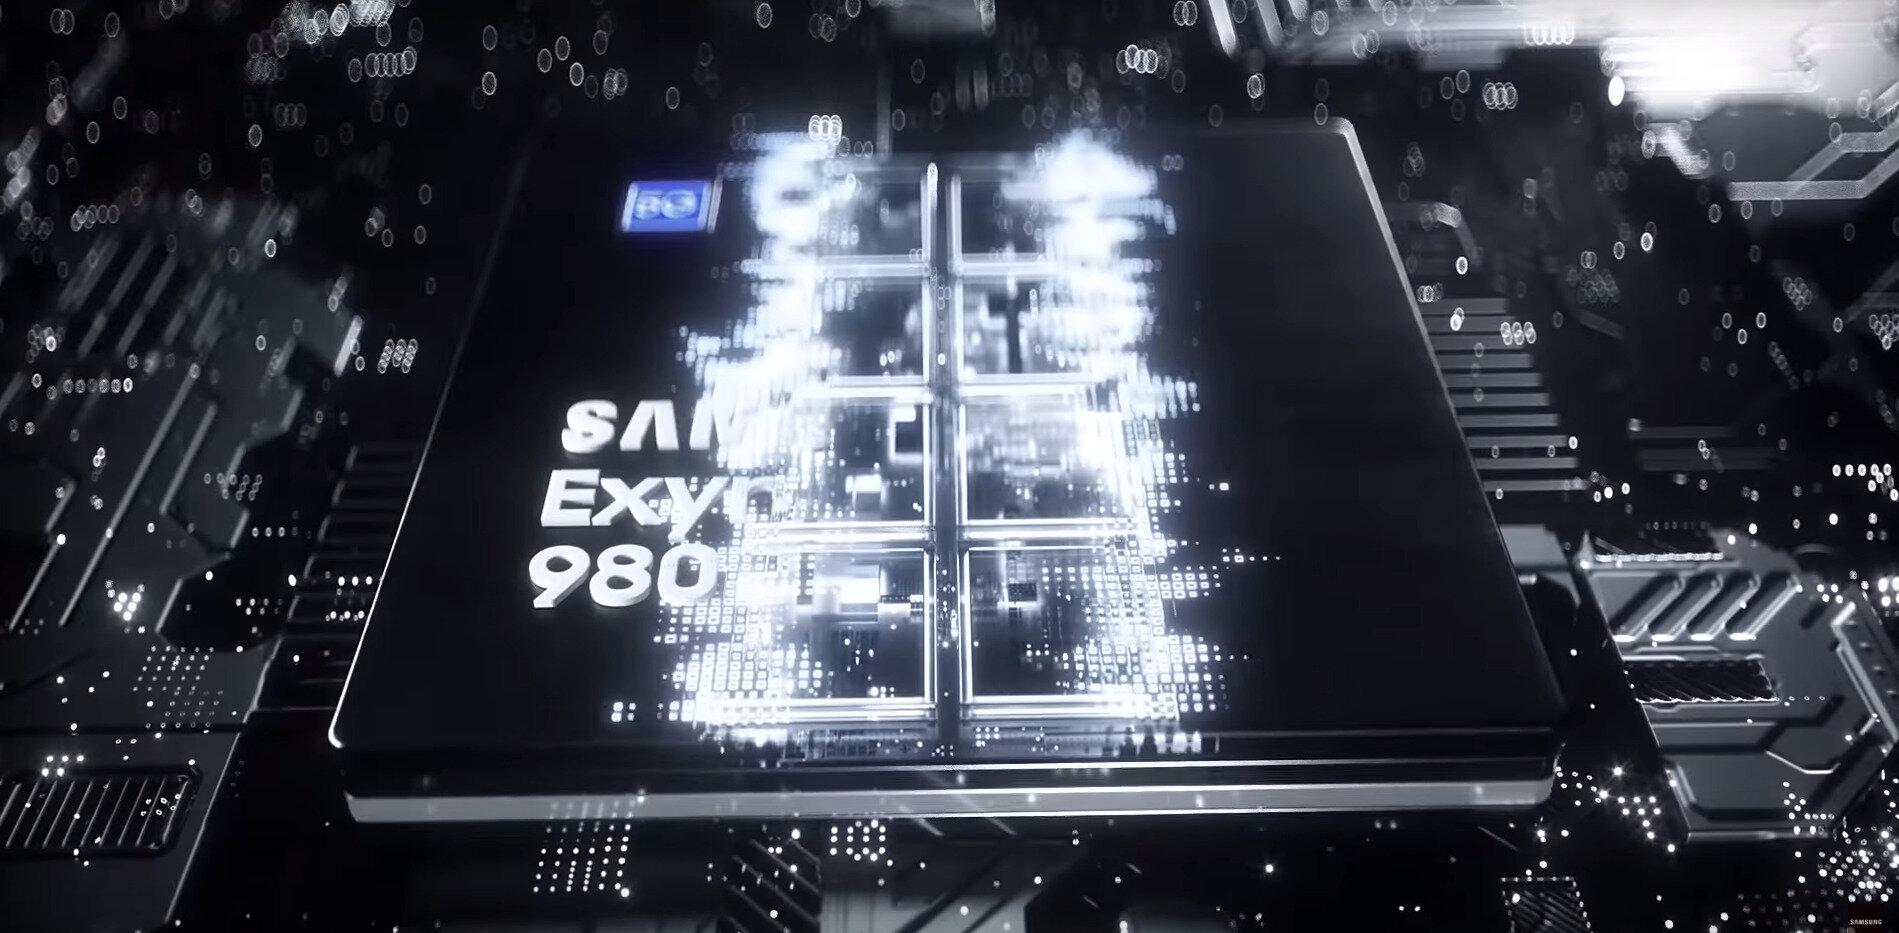 Exynos 980 : Samsung dévoile son premier SoC avec 5G, huit cœurs et Wi-Fi 6